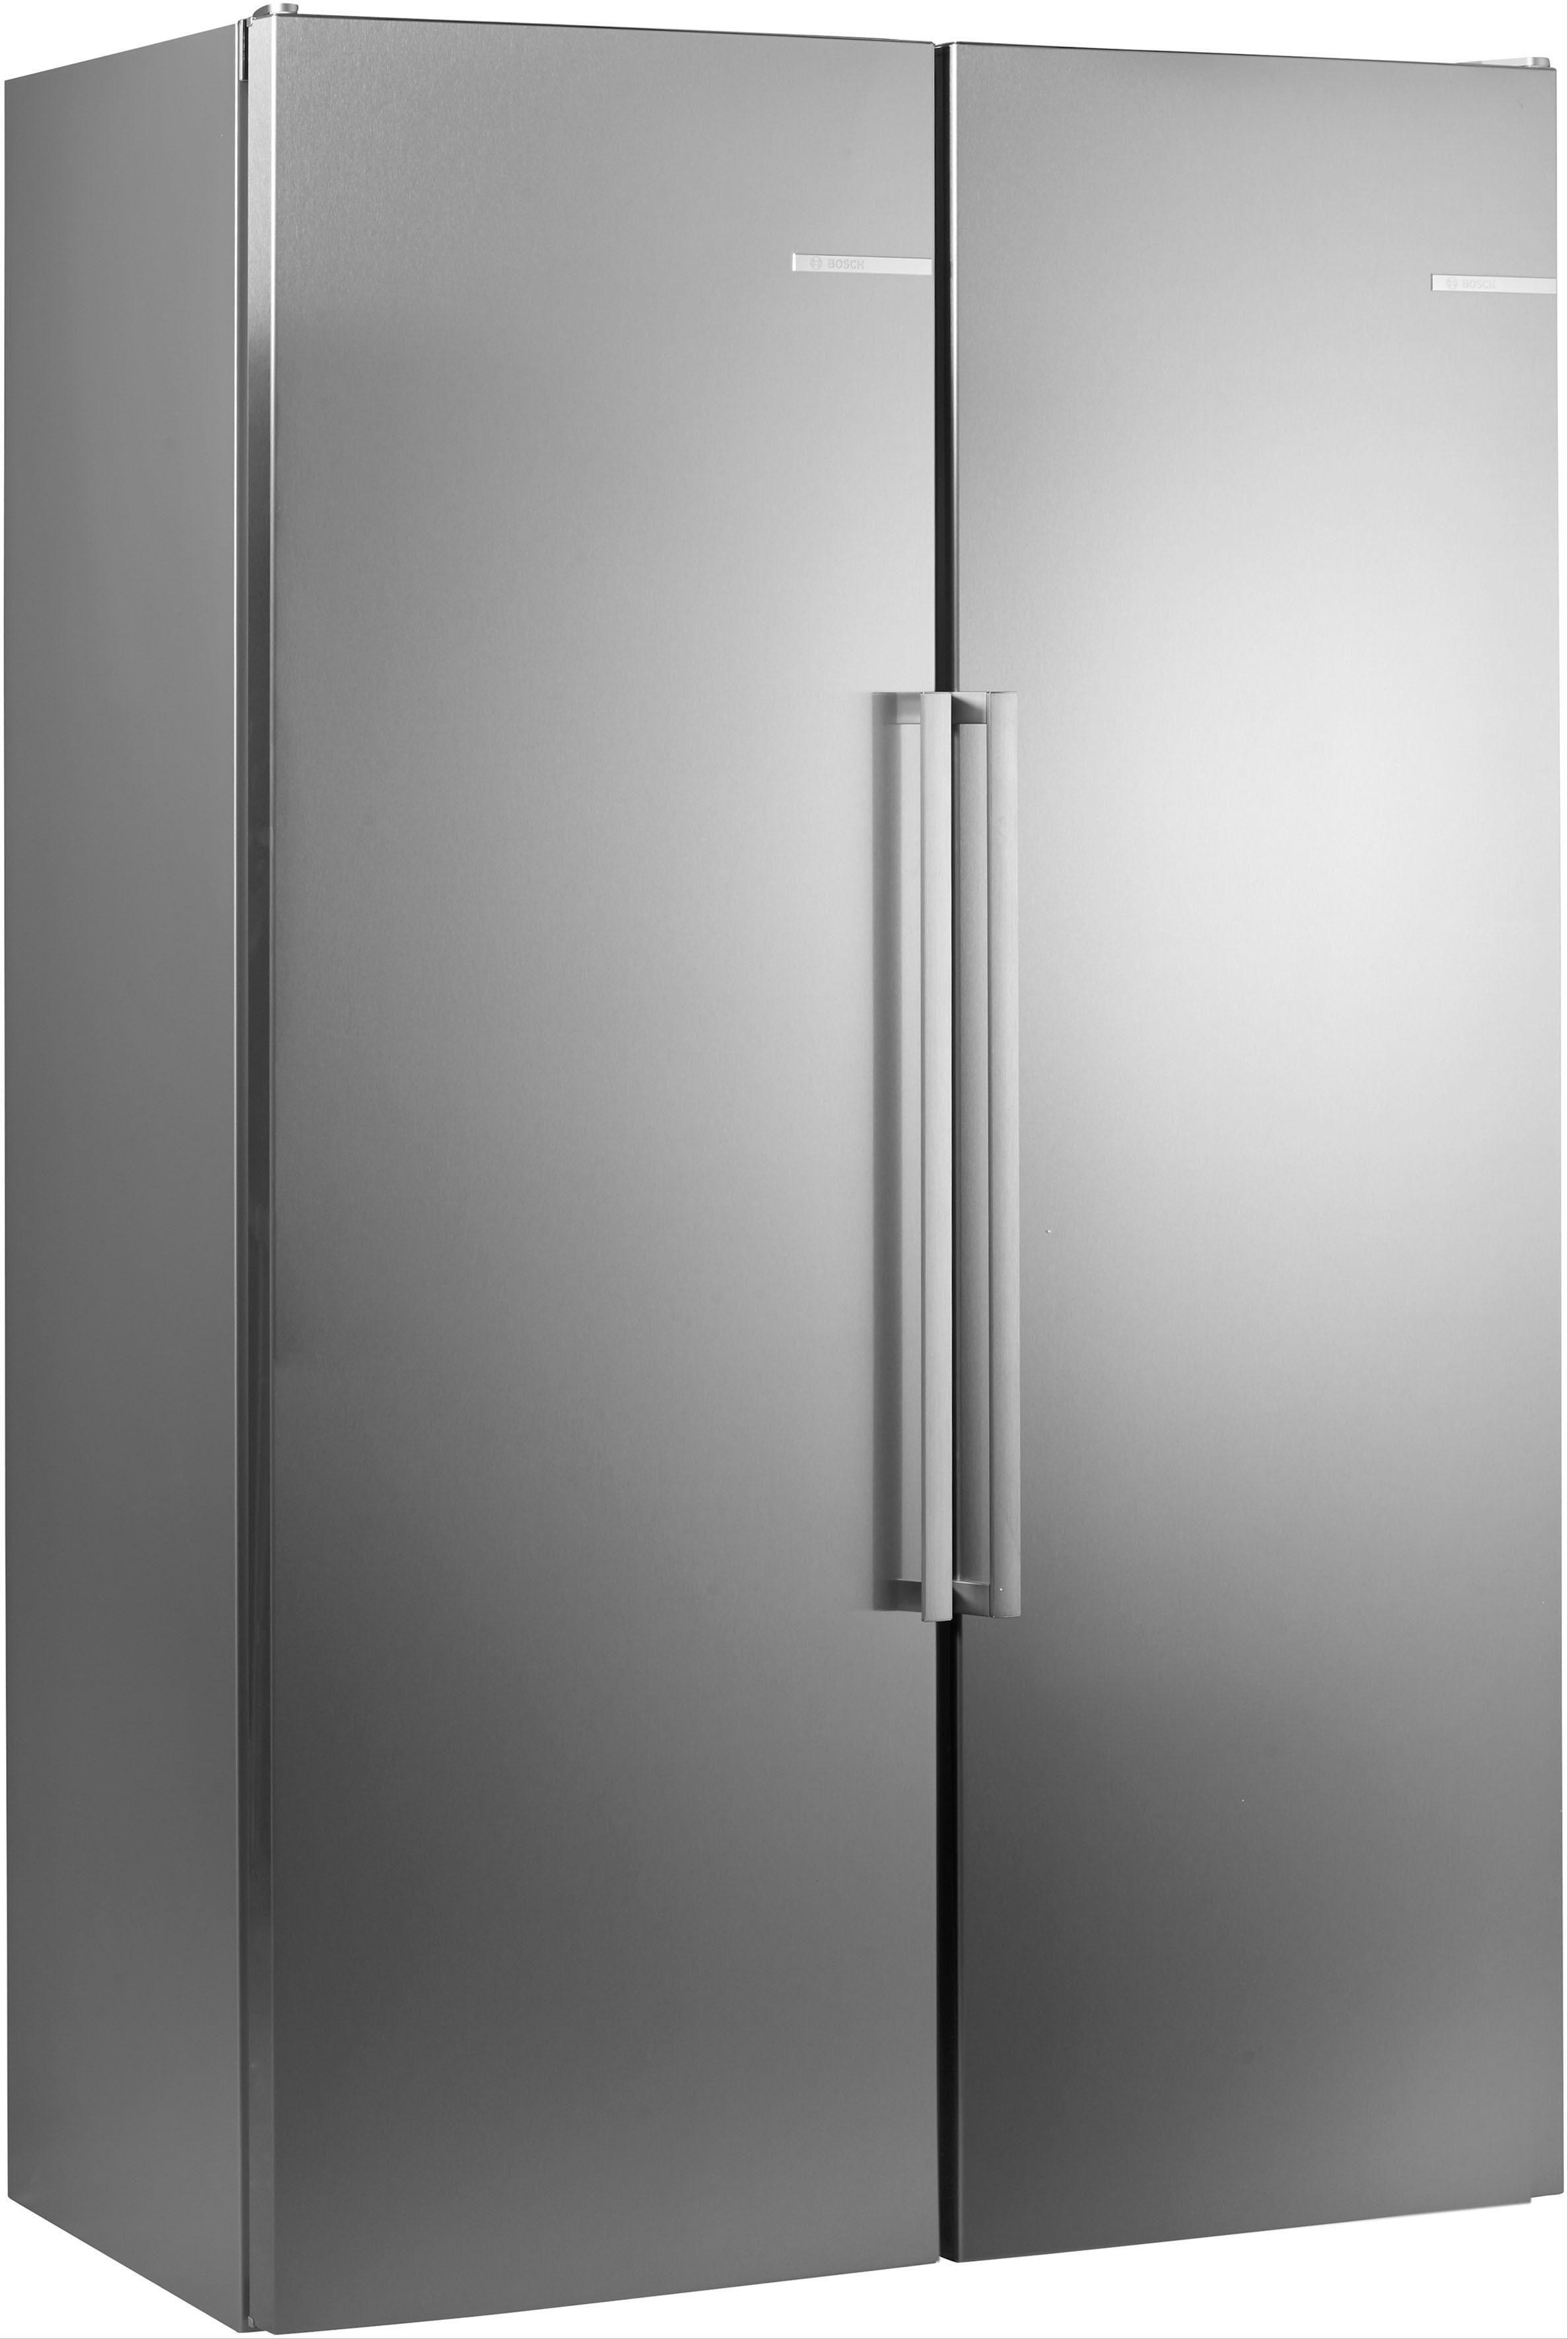 Op zoek naar een Bosch side-by-side-koelkast, 186 cm hoog, 120 cm breed? Koop online bij OTTO